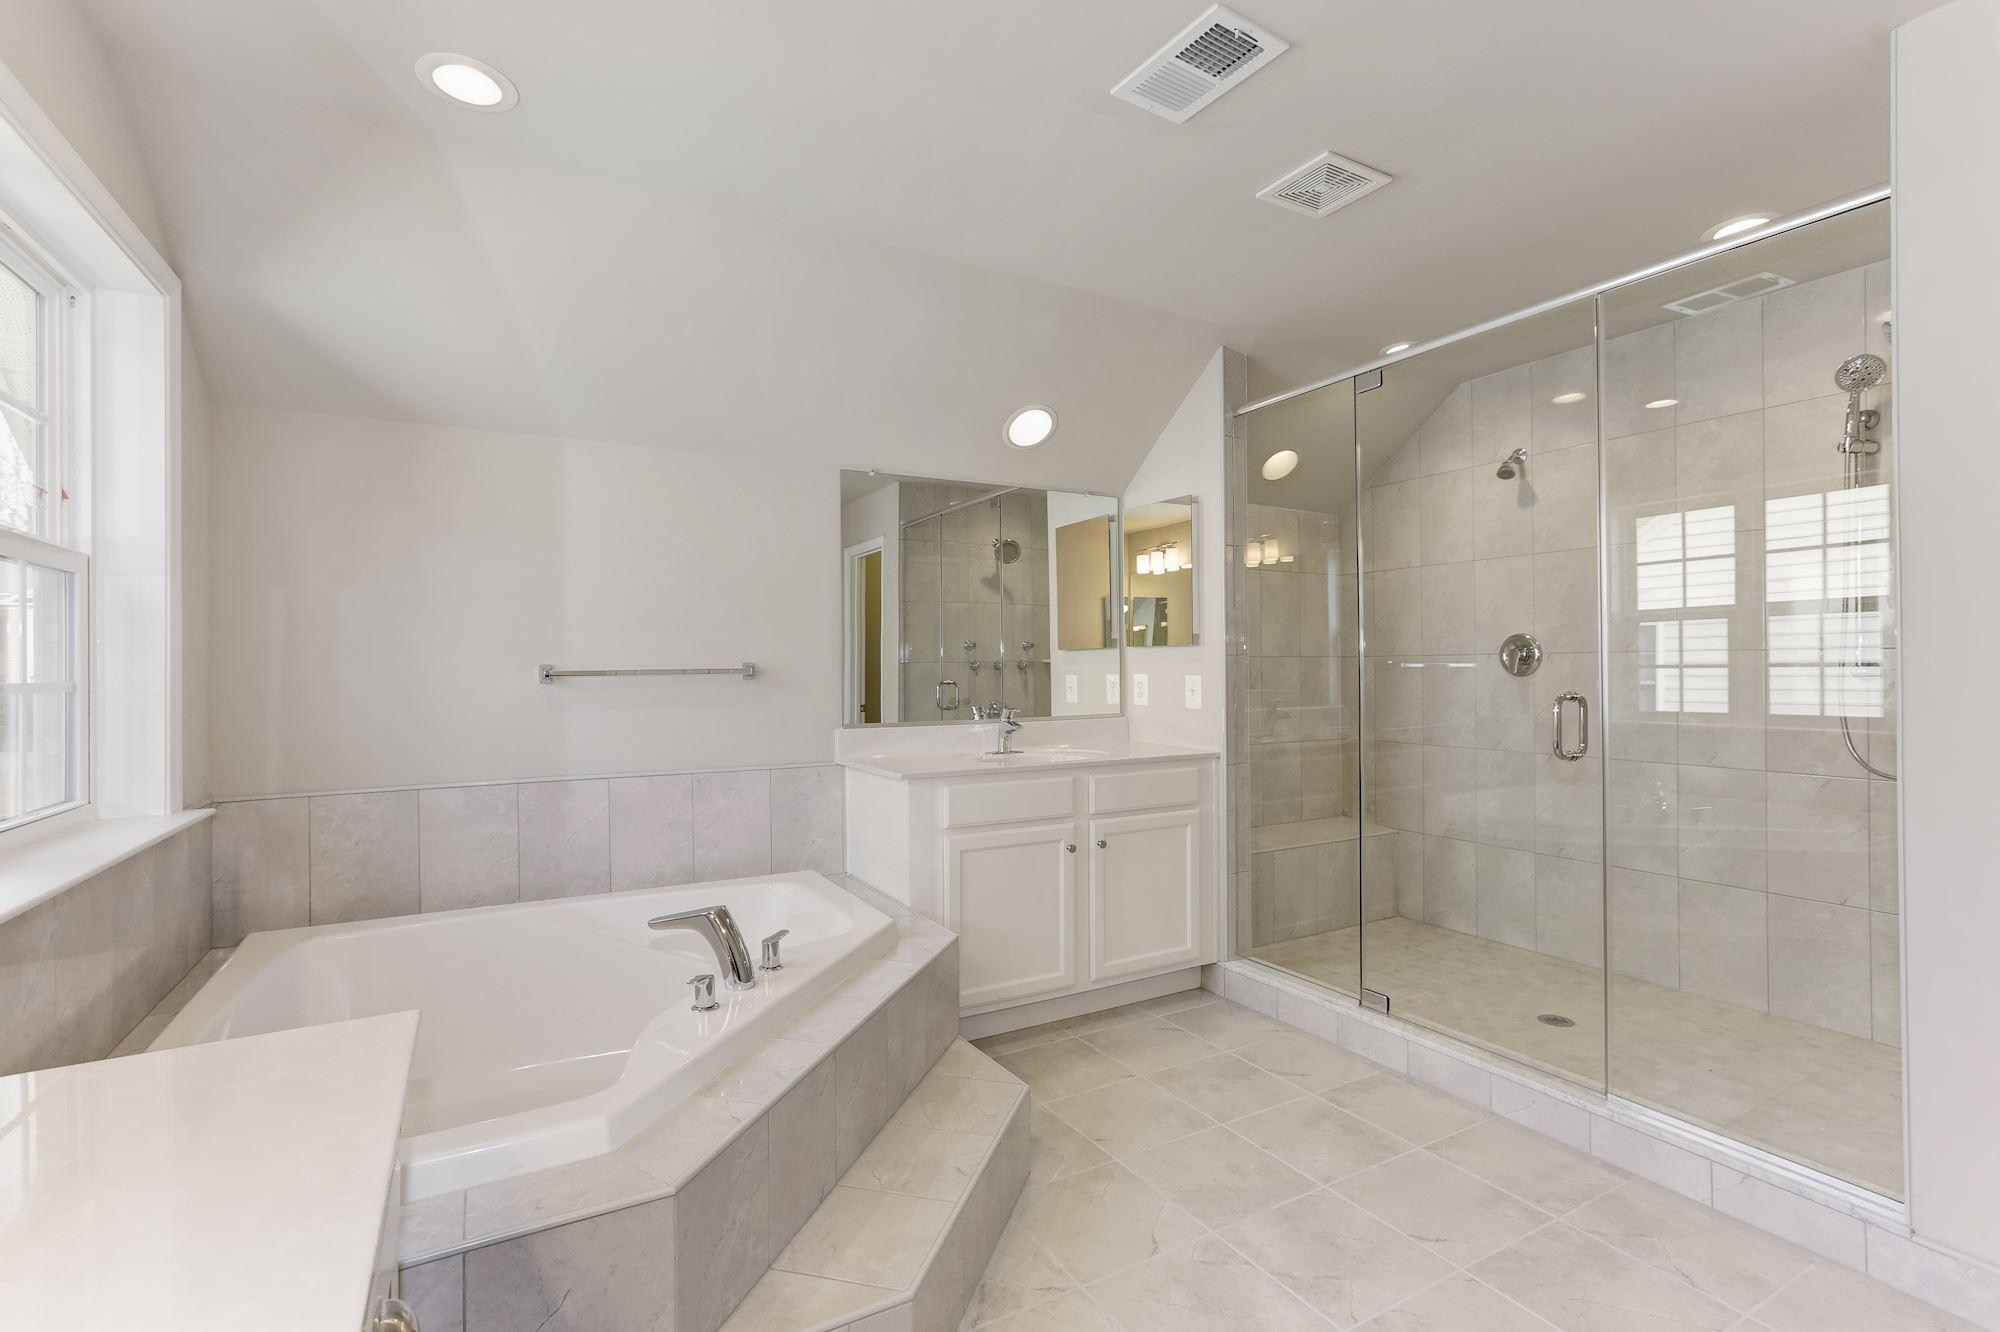 Bathroom Design Annapolis Md 2317 annapolis ridge ct, annapolis, md 21401